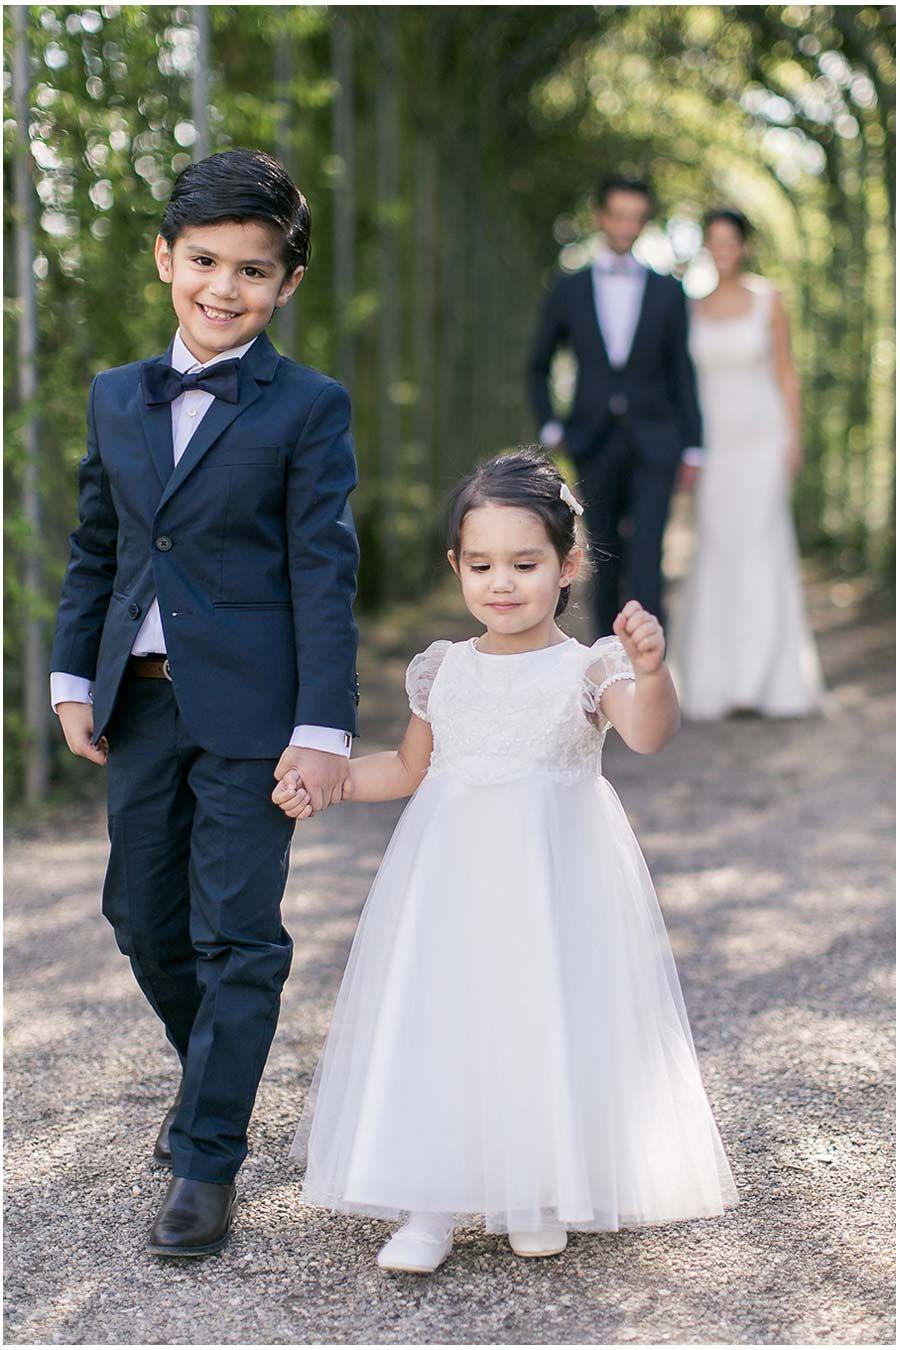 10. Hochzeitstag, Kinder, Nachfeiern, Hochzeitsfeier, Blauer